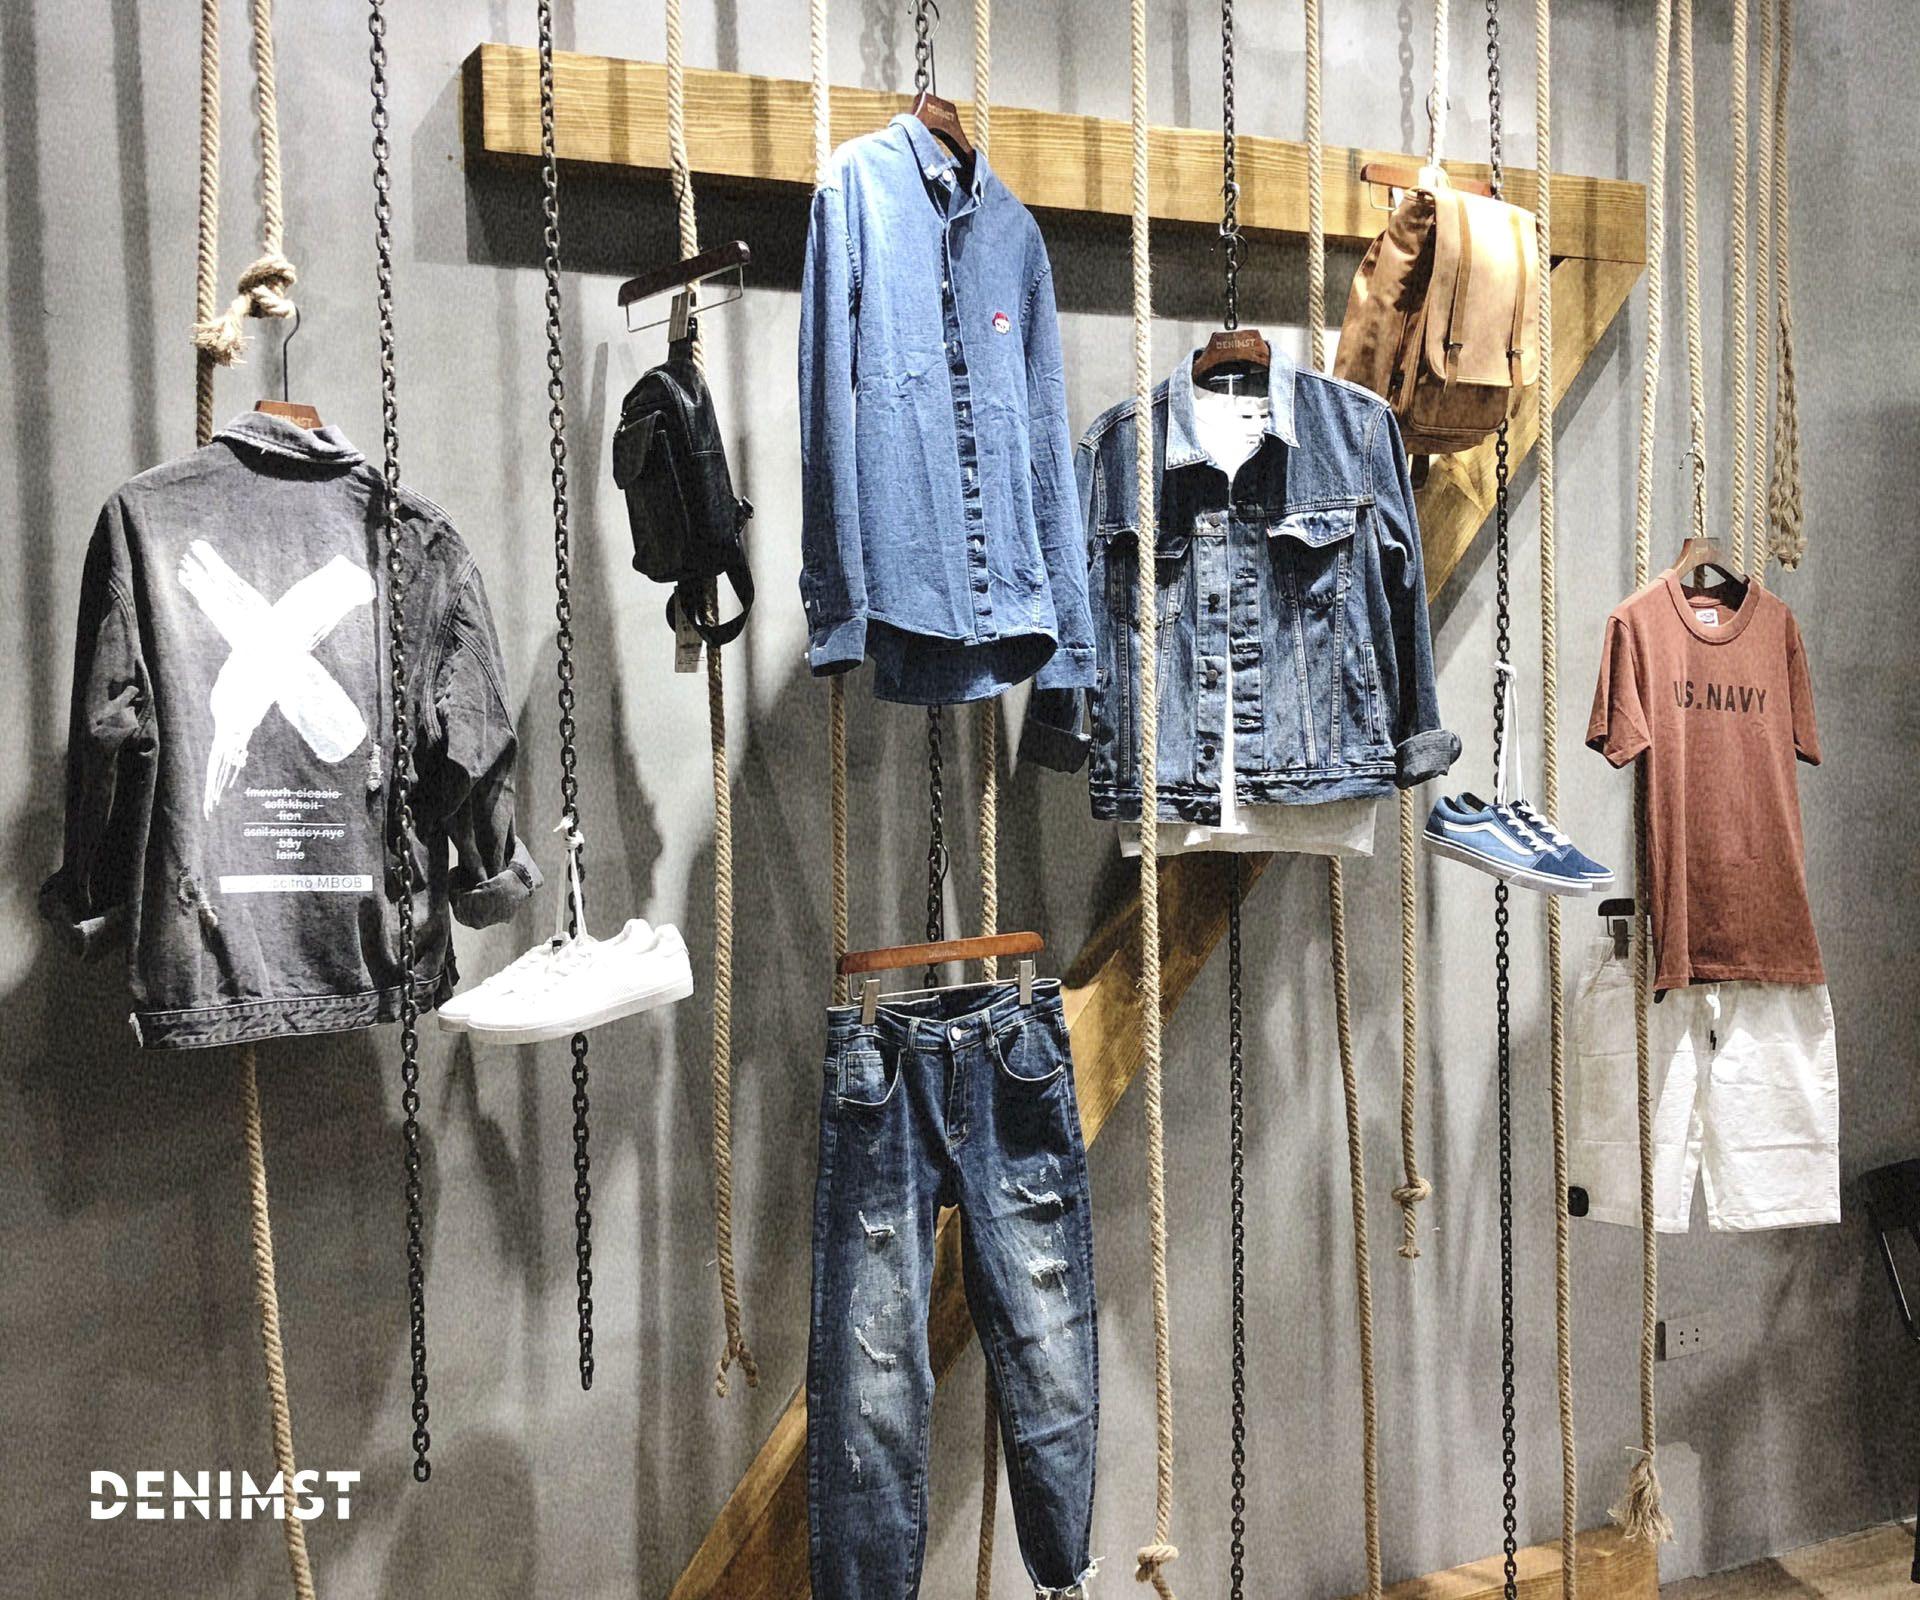 Shop quần áo nam đẹp, thương hiệu thời trang nam uy tín tại Hà Nội